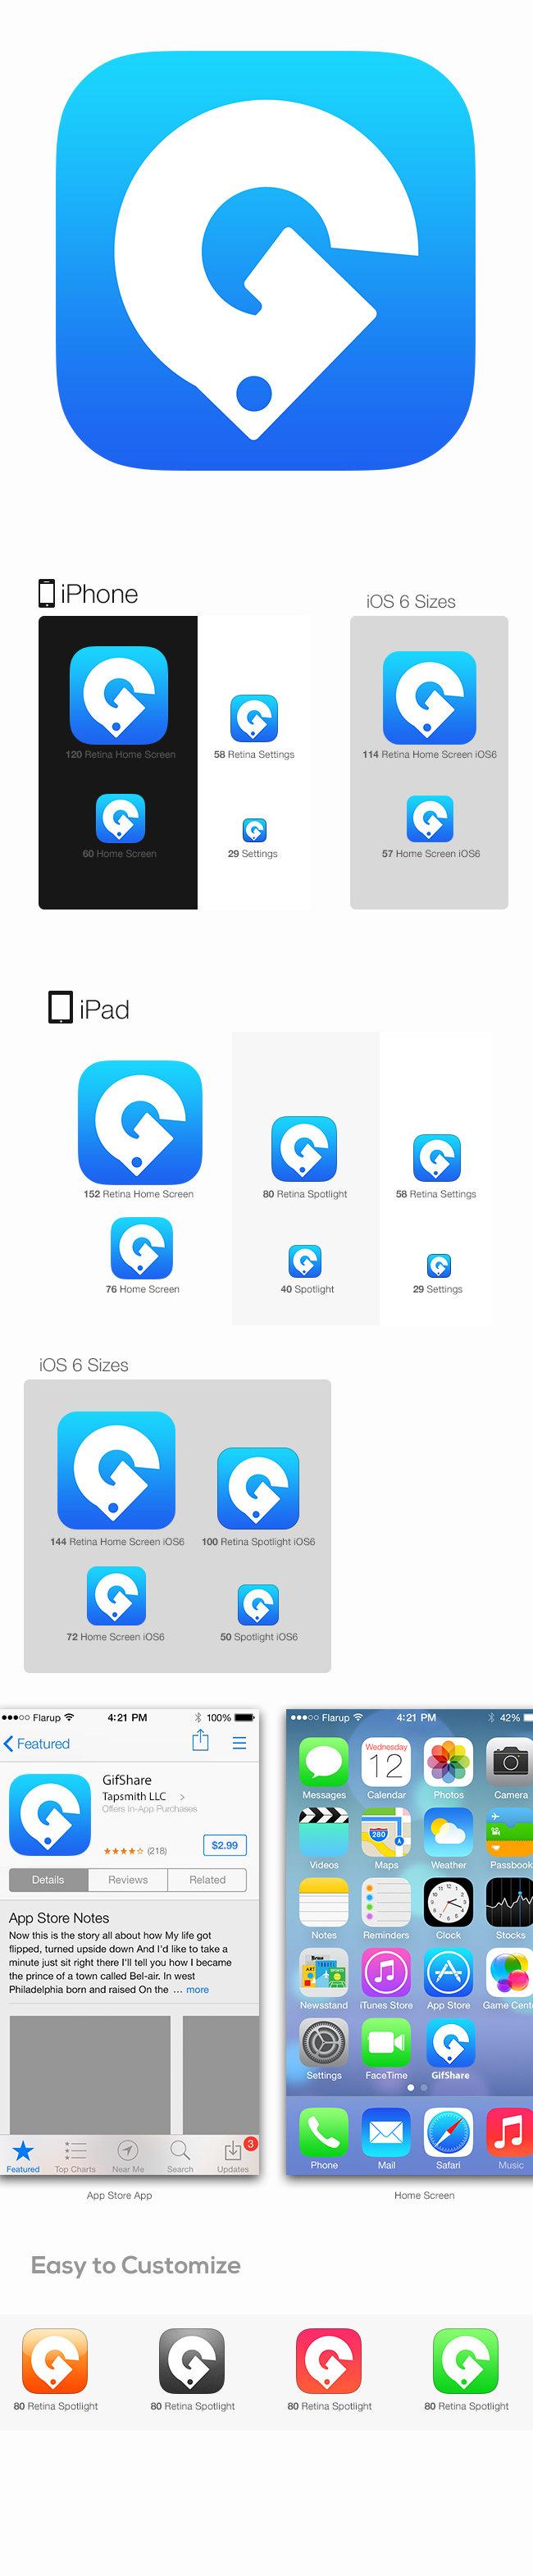 Gif Share IOS Icon